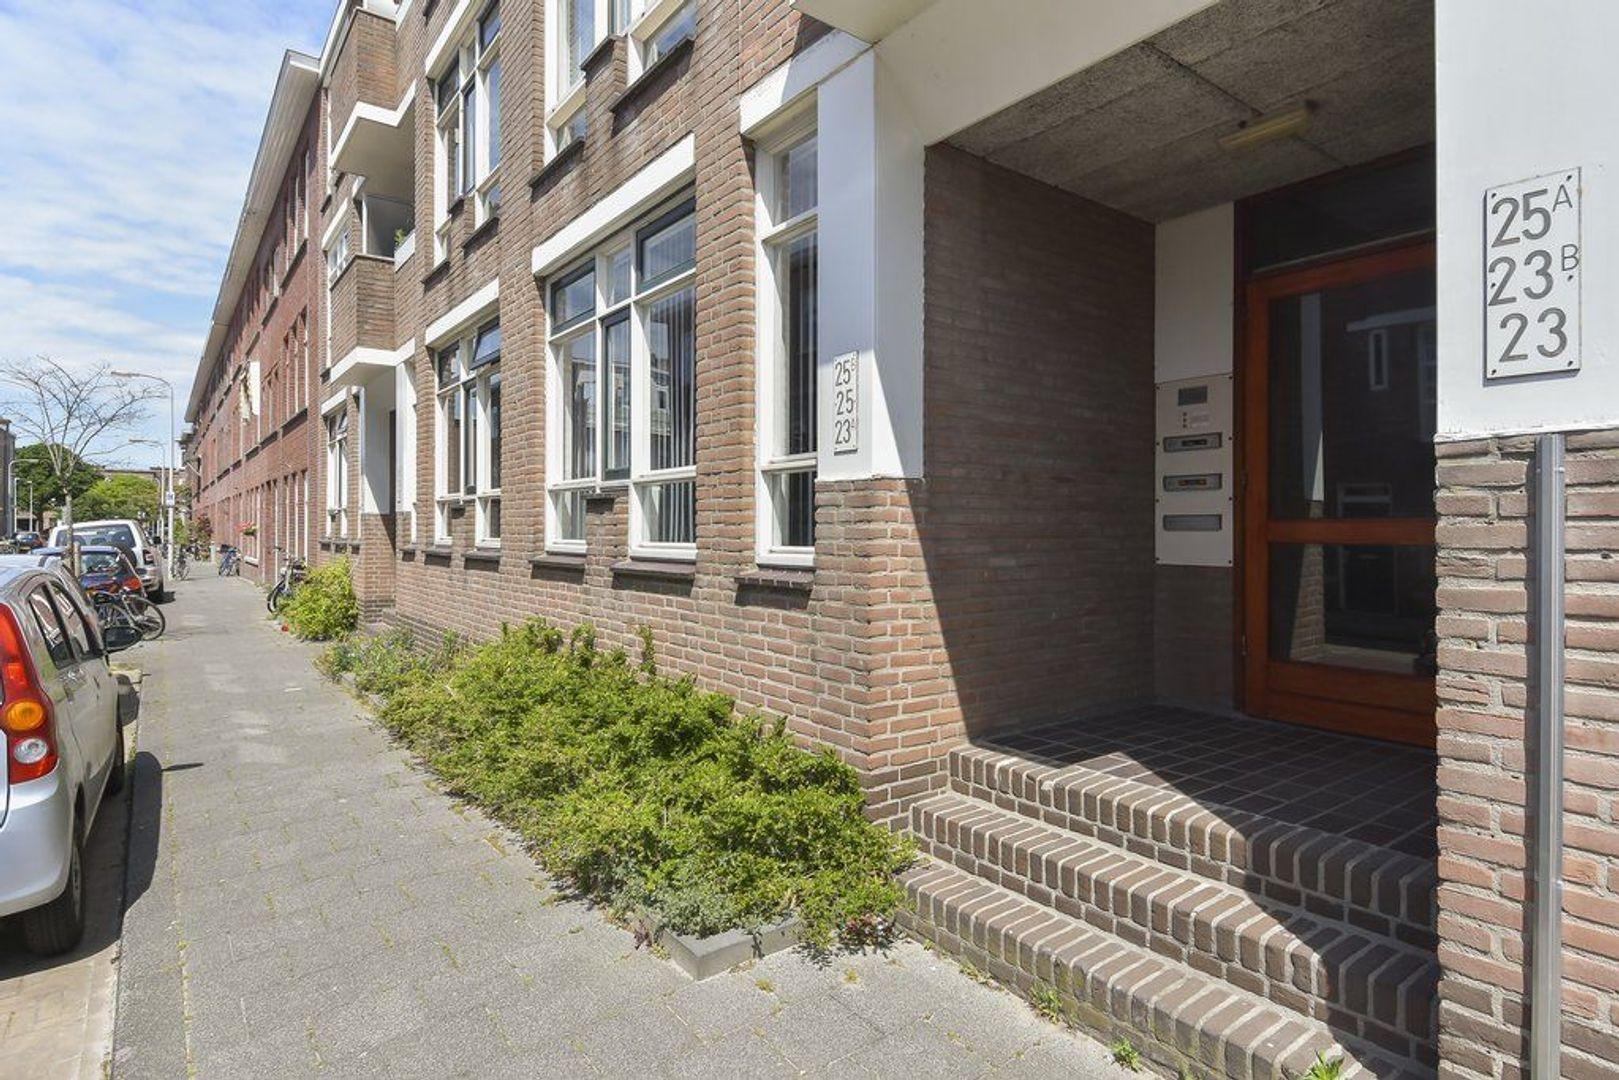 Meidoornstraat 25 b, Den Haag foto-1 blur